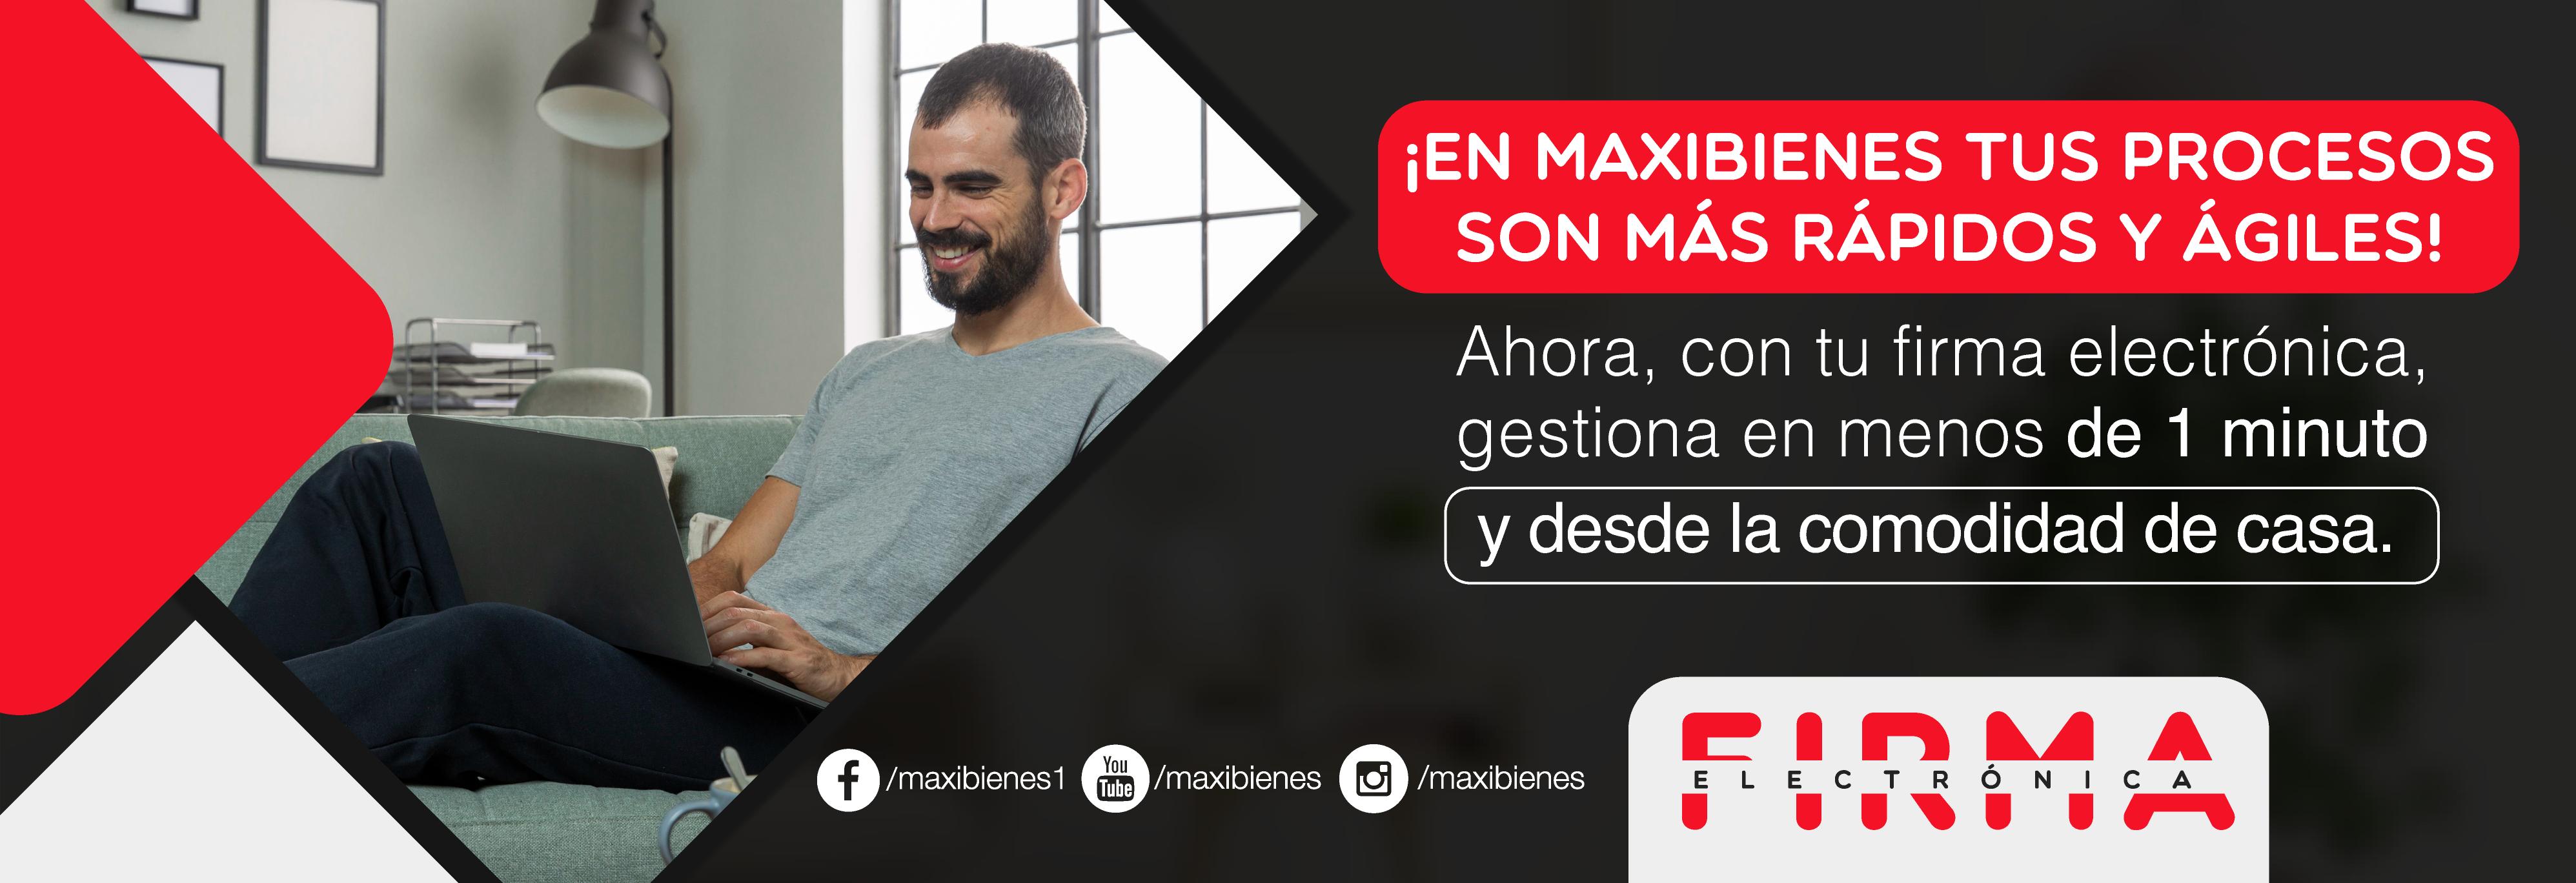 imagen del slide de presentacion de la pagina de Maxibienes